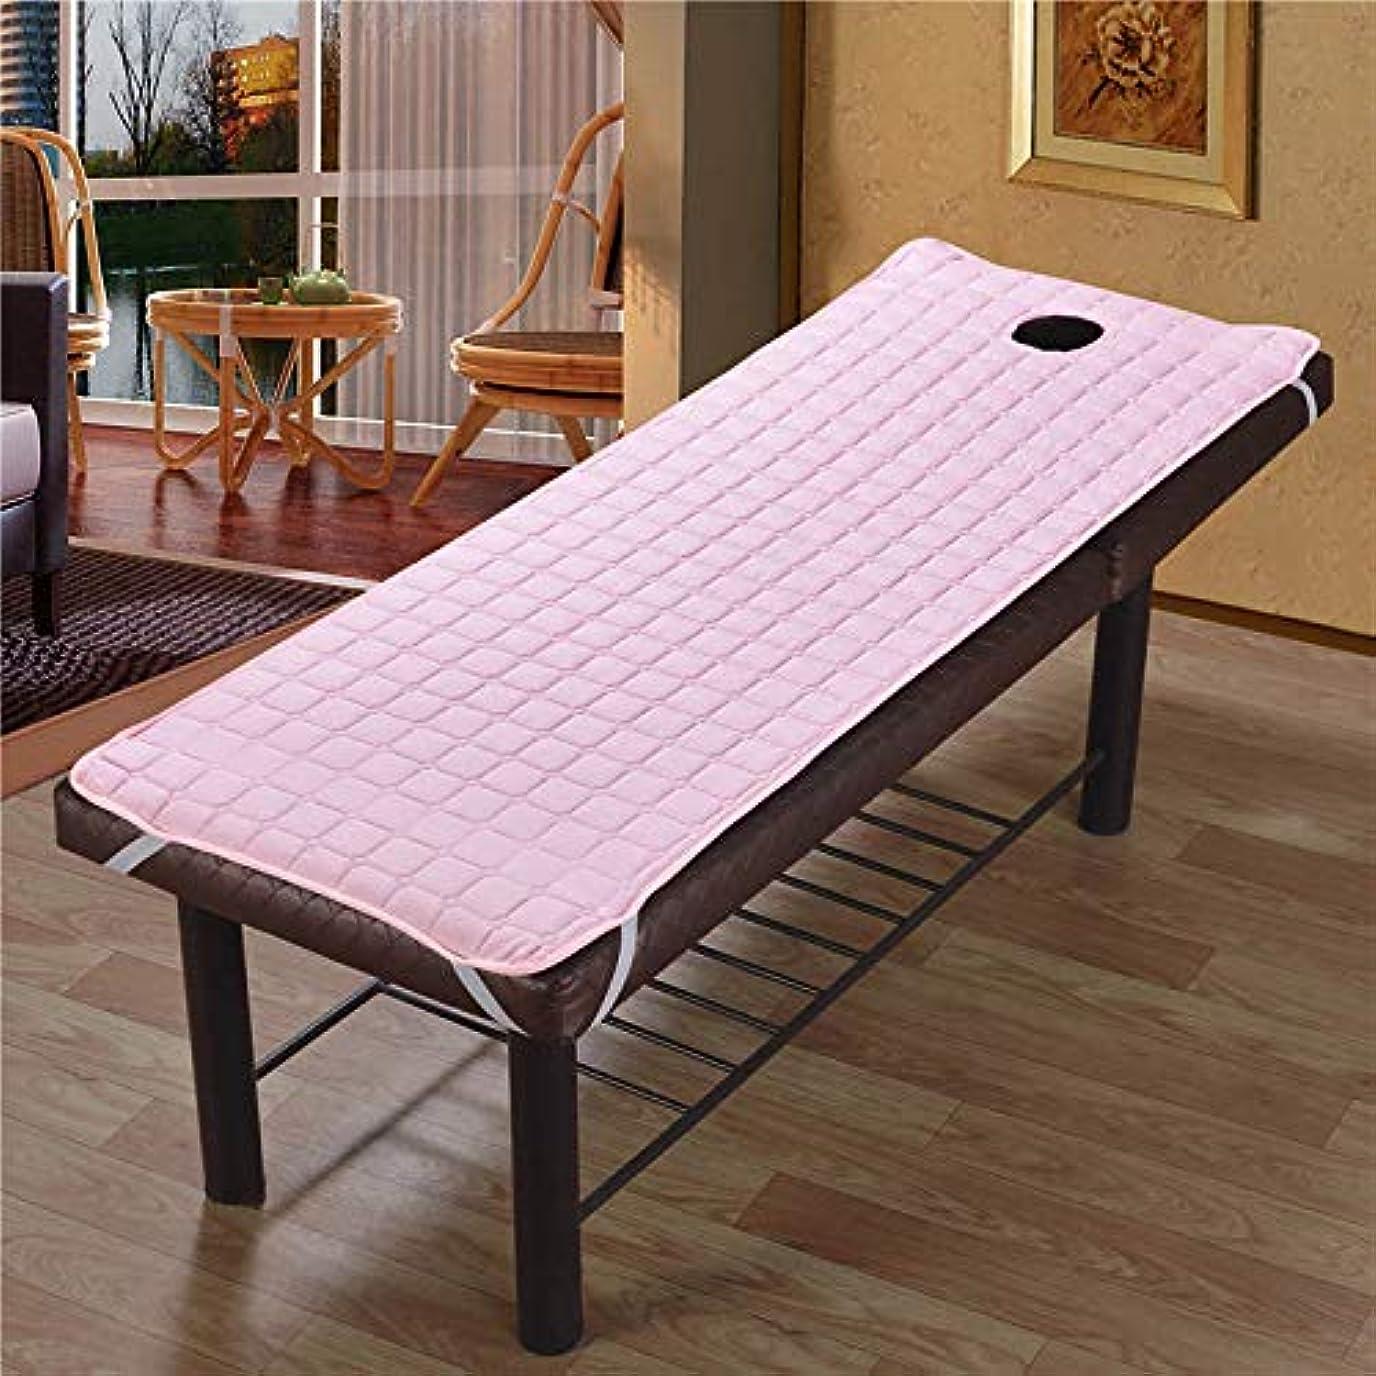 矛盾儀式完璧Profeel 美容院のマッサージ療法のベッドのための滑り止めのSoliod色の長方形のマットレス